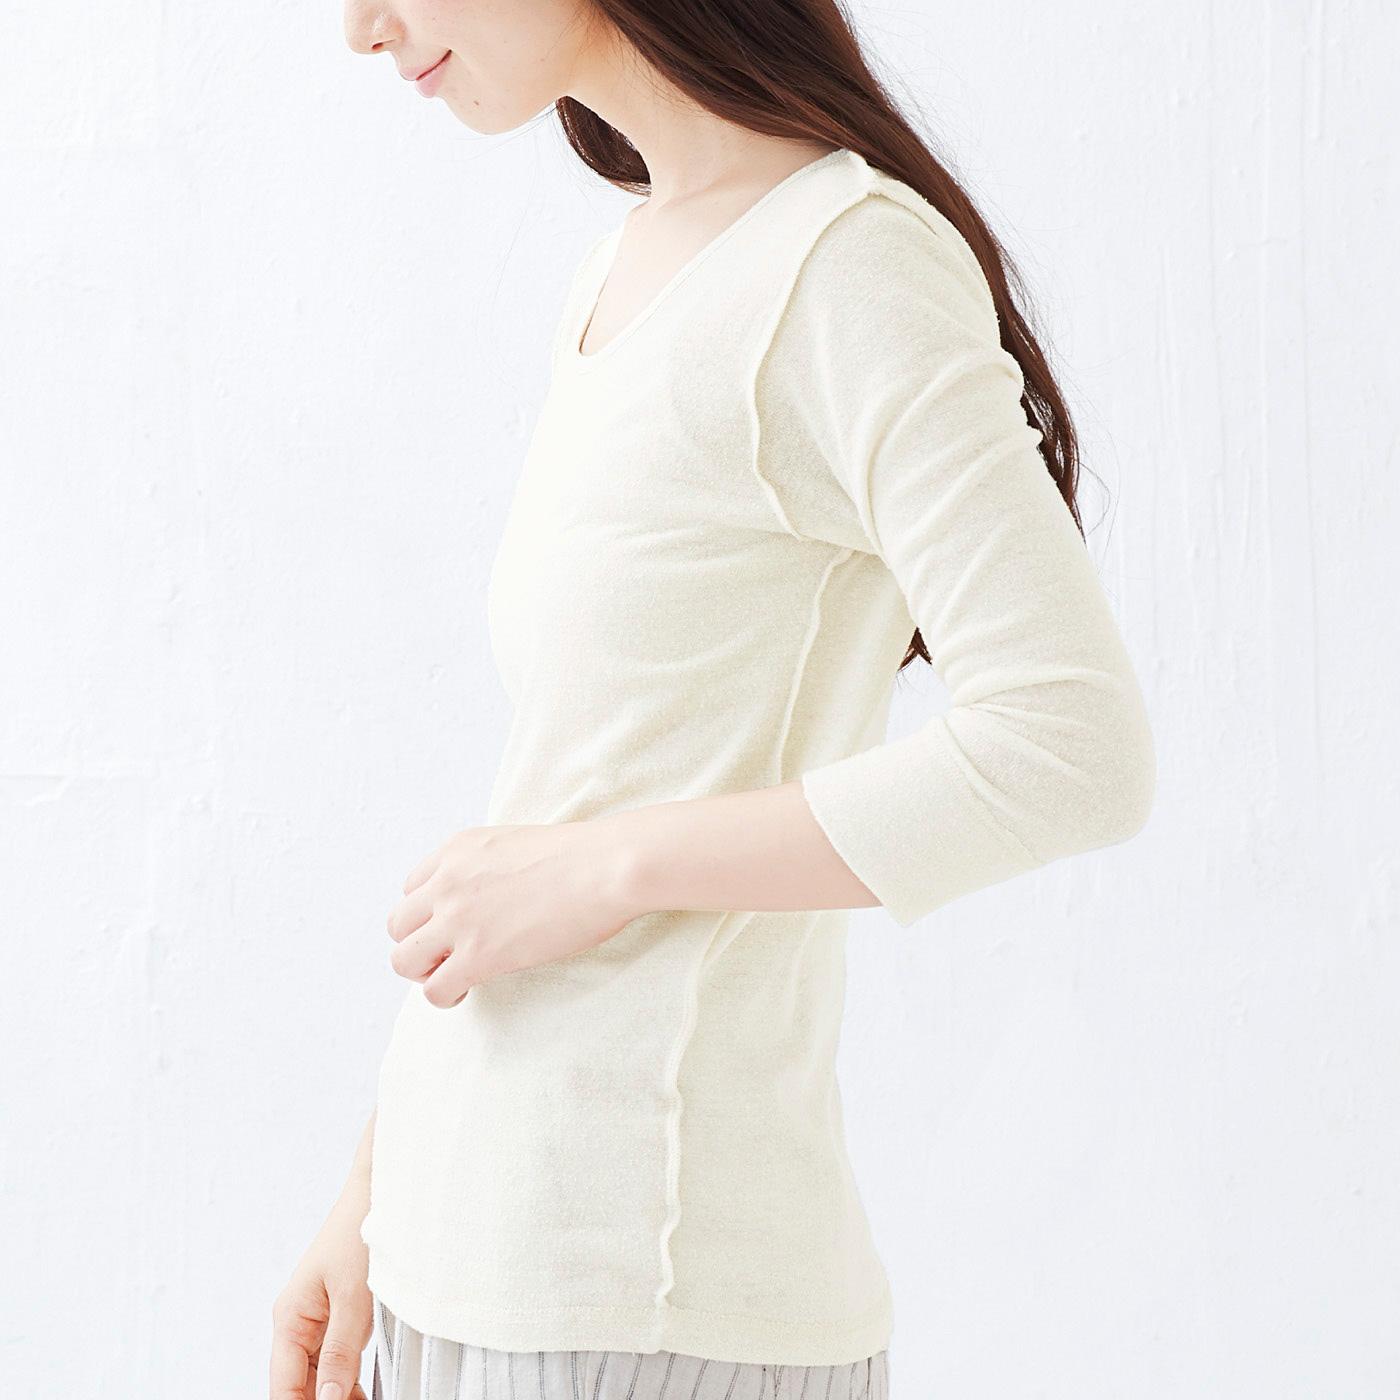 腰からおなかまわりをすっぽり包む長め丈。縫い目は外側へ。肌に直接当たらずストレスフリー。